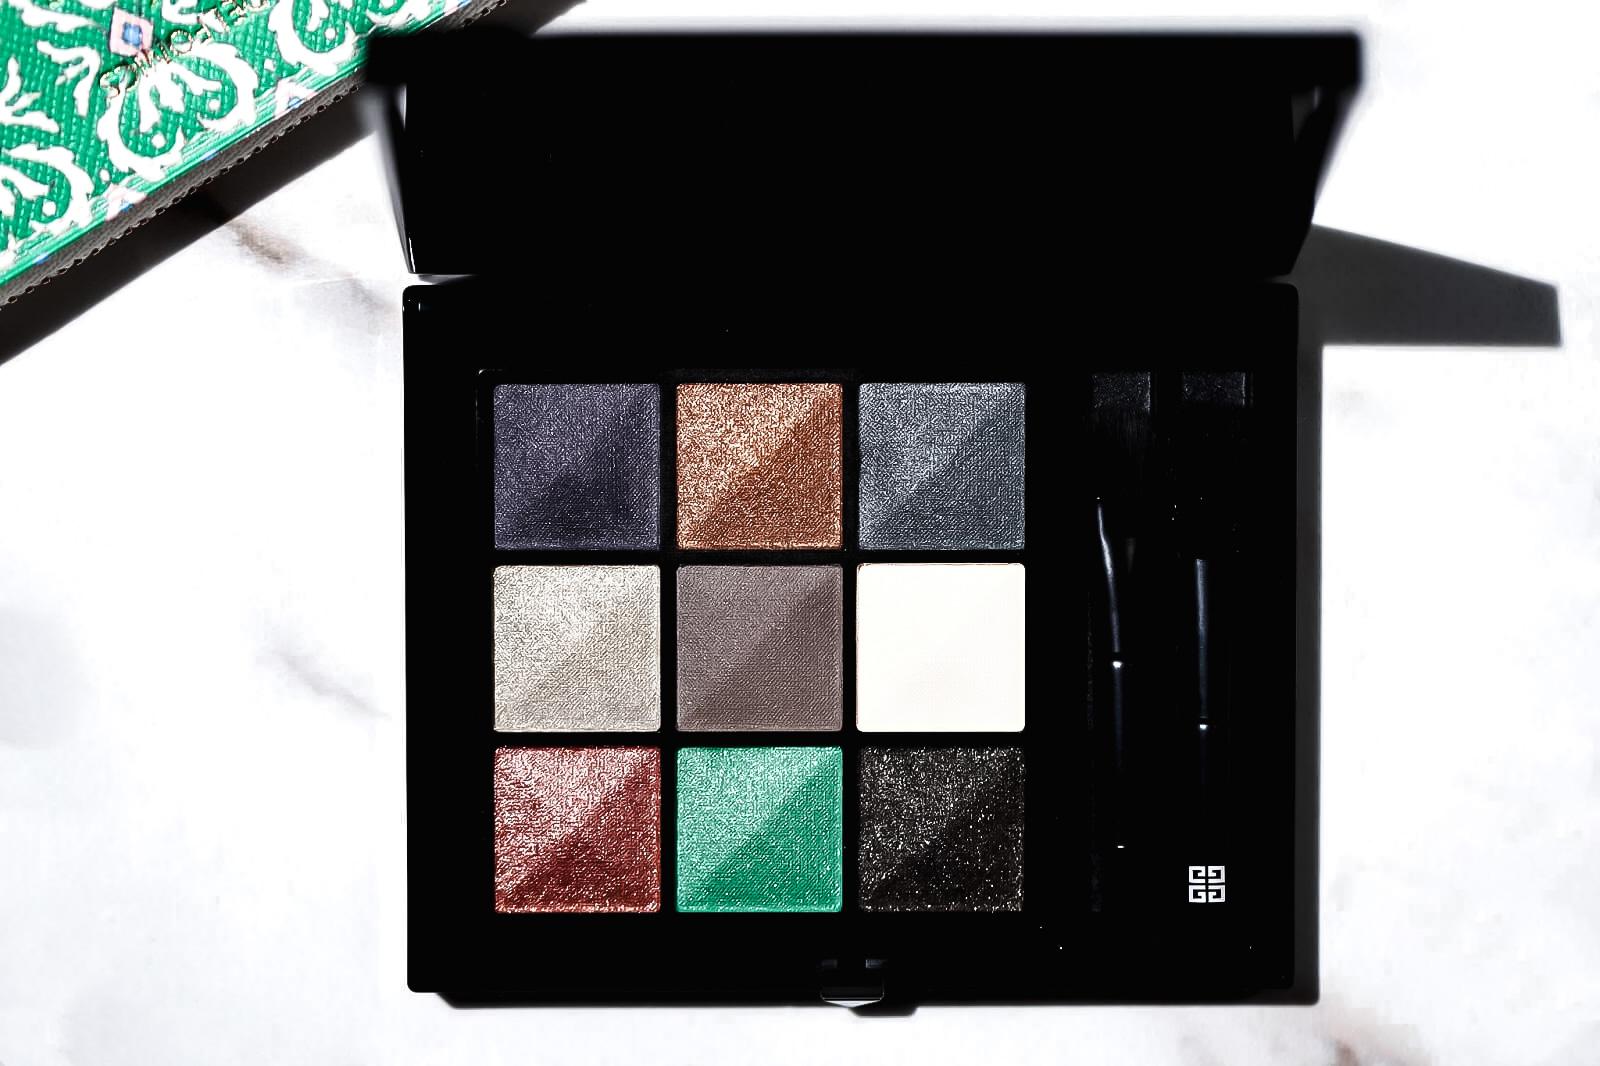 Le 9 De Givenchy Palette 9.02 swatch